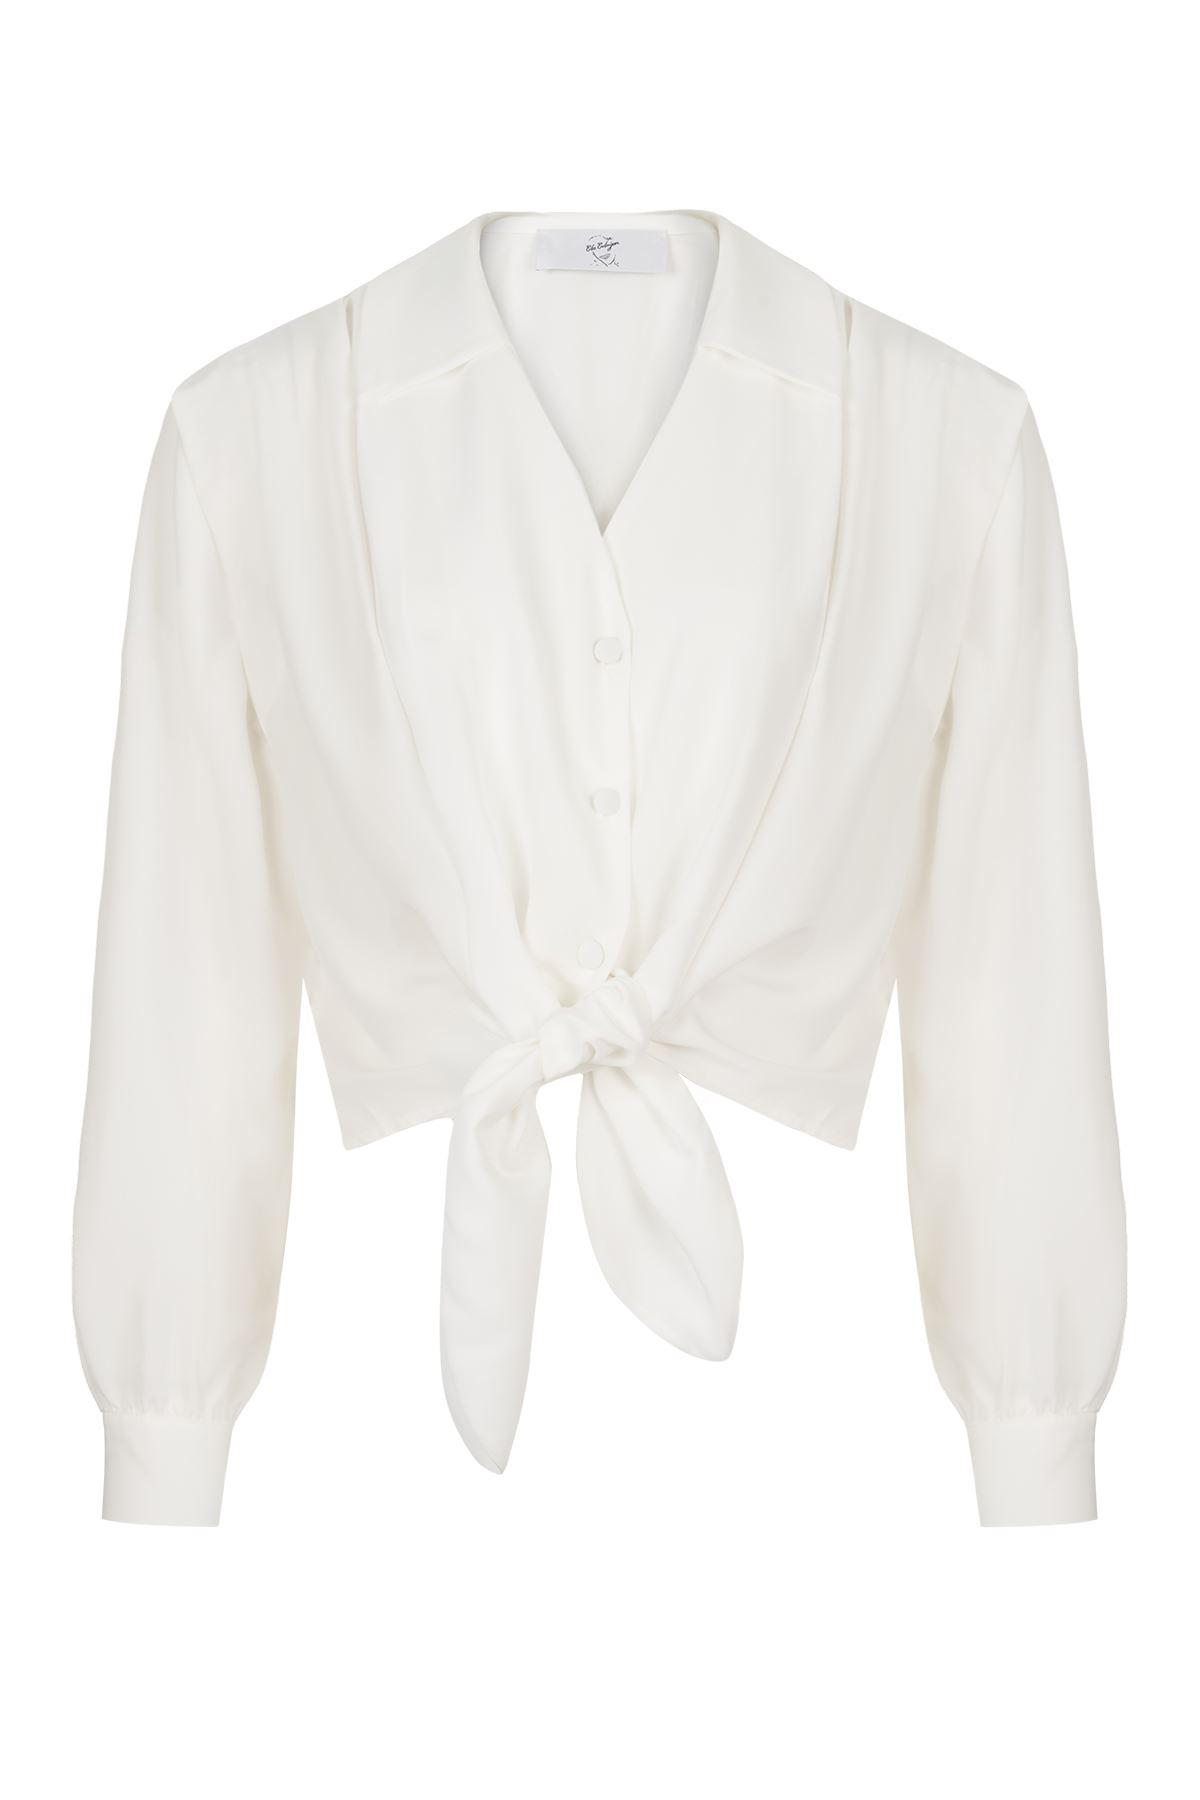 Önden Bağlamalı Gömlek (Beyaz)